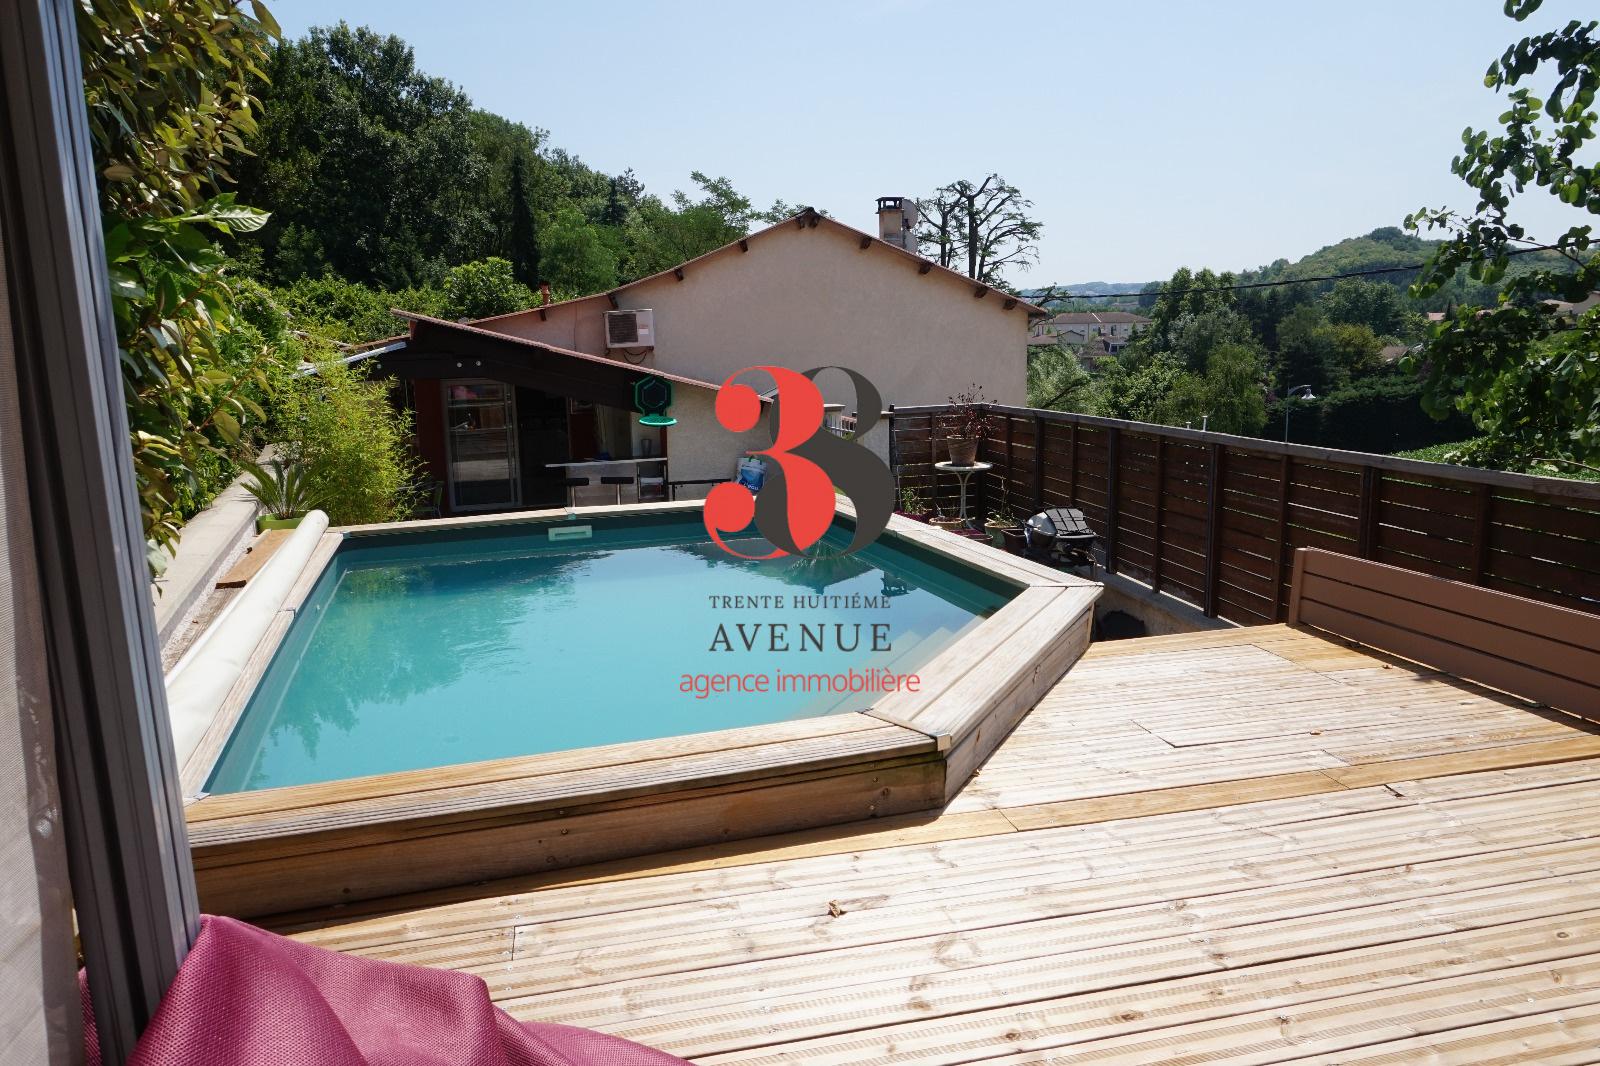 Vente jardin 38200 maison 130 m for Jardin 38200